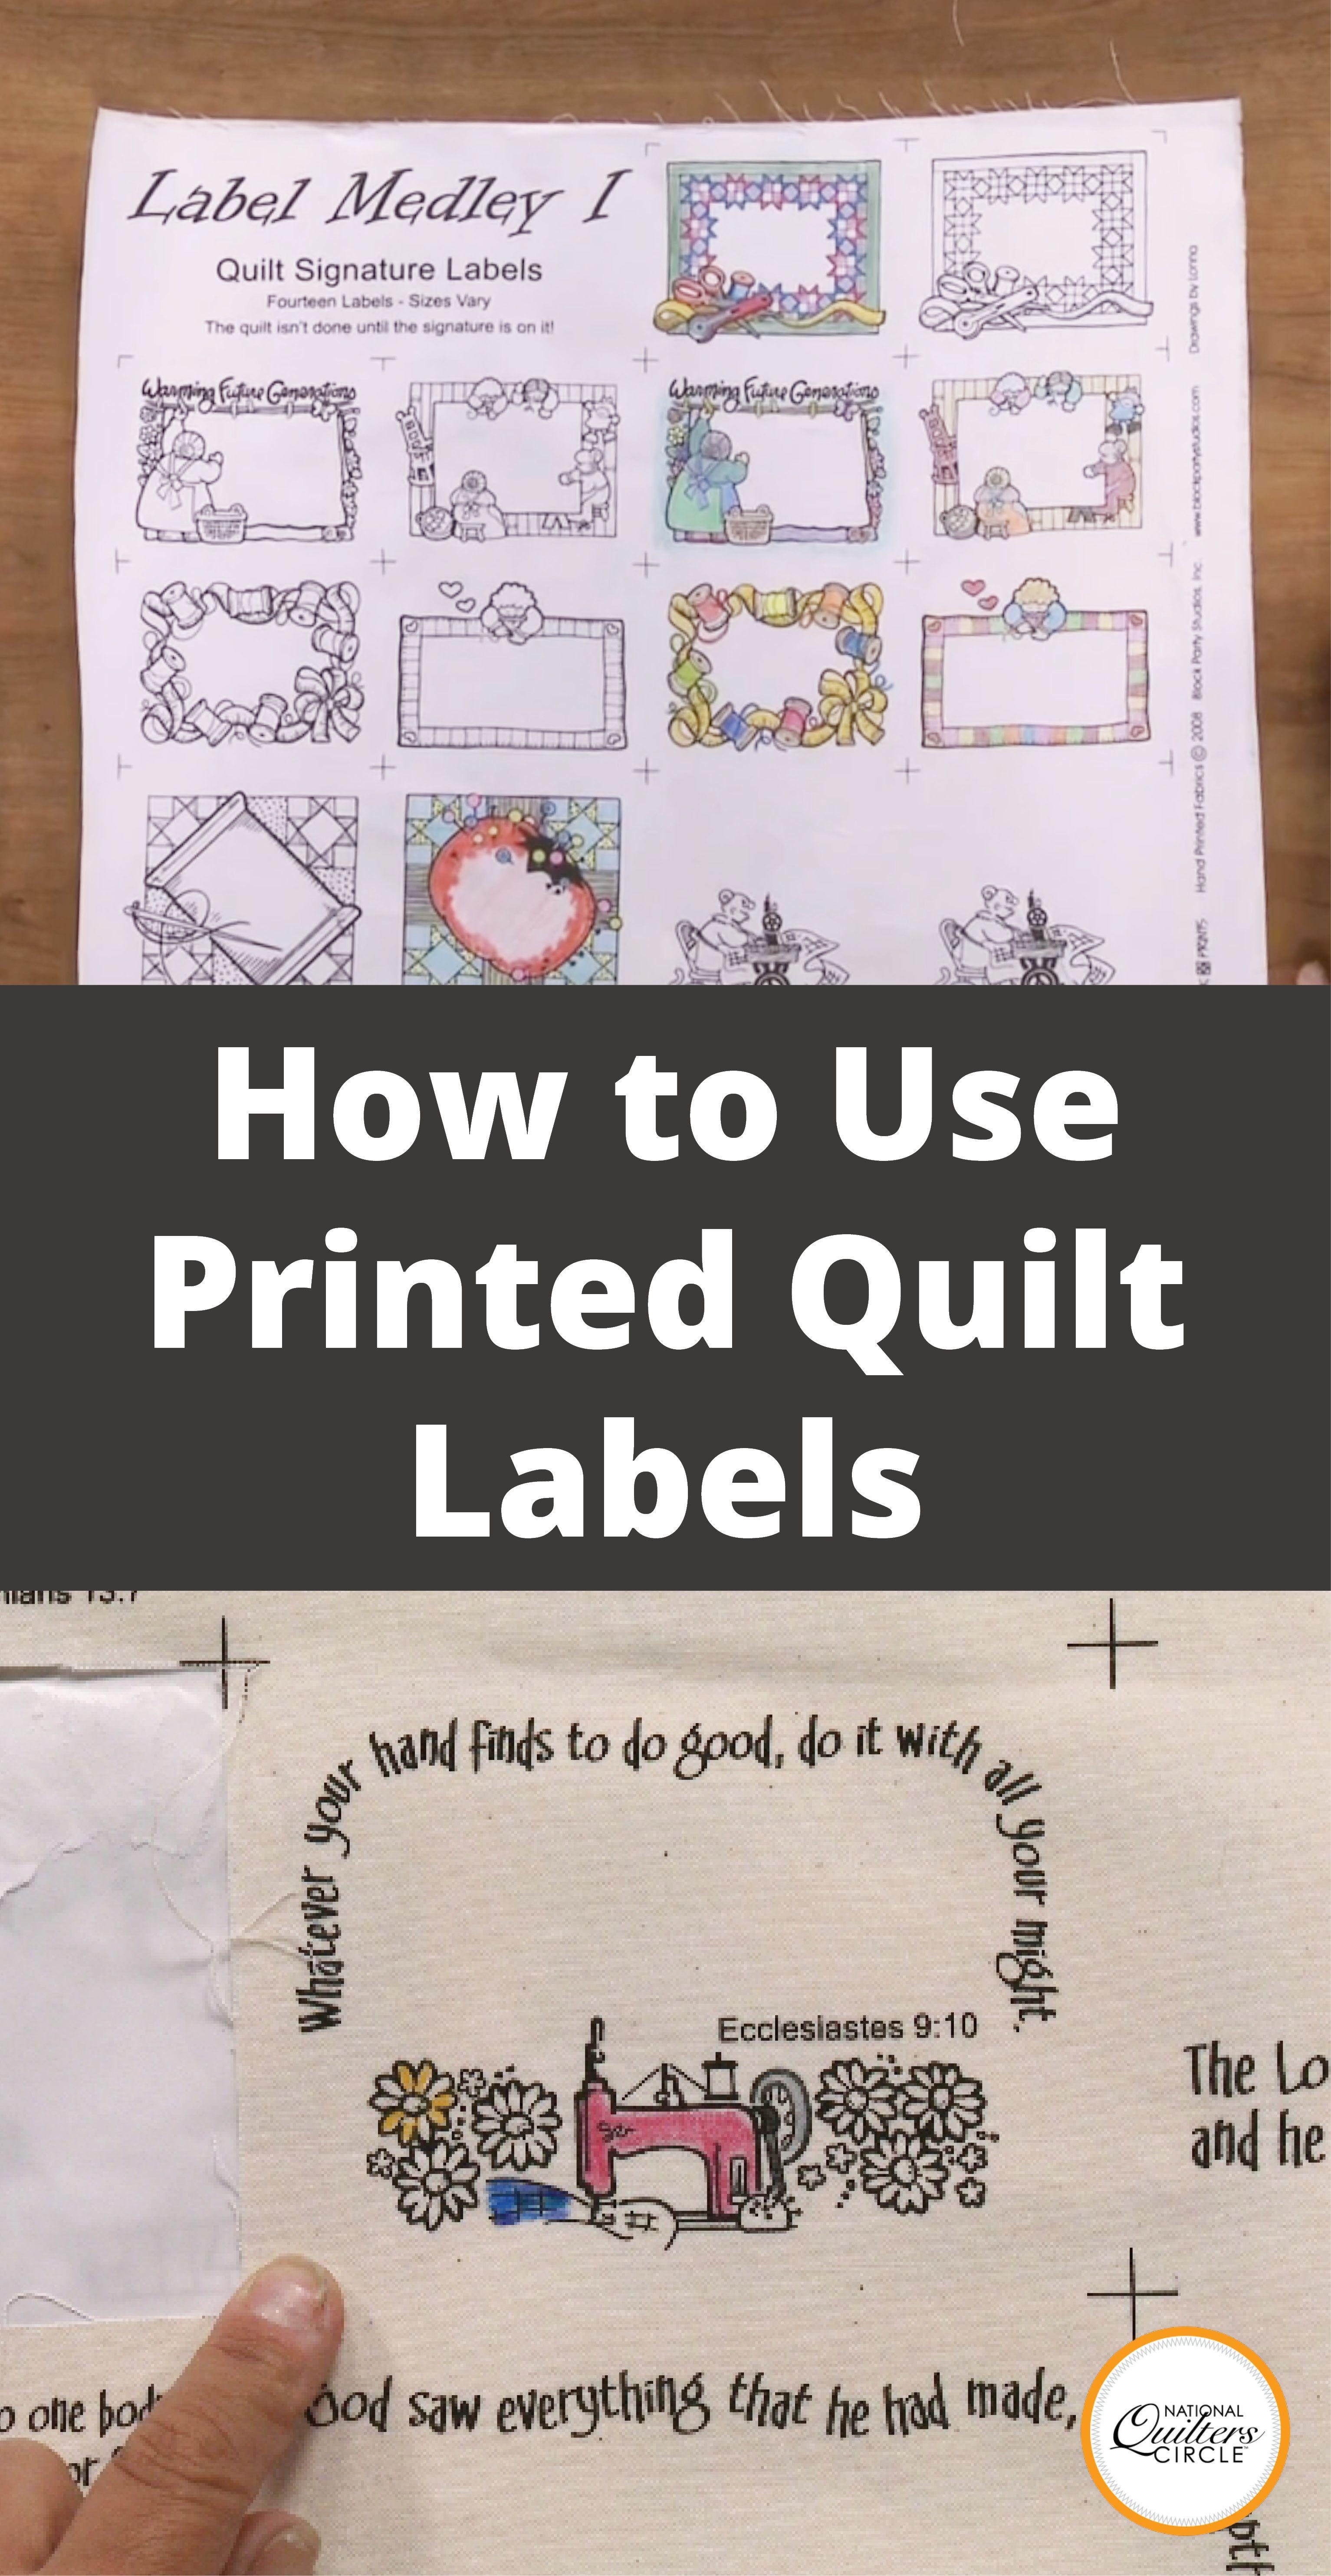 Quilt Signature Label